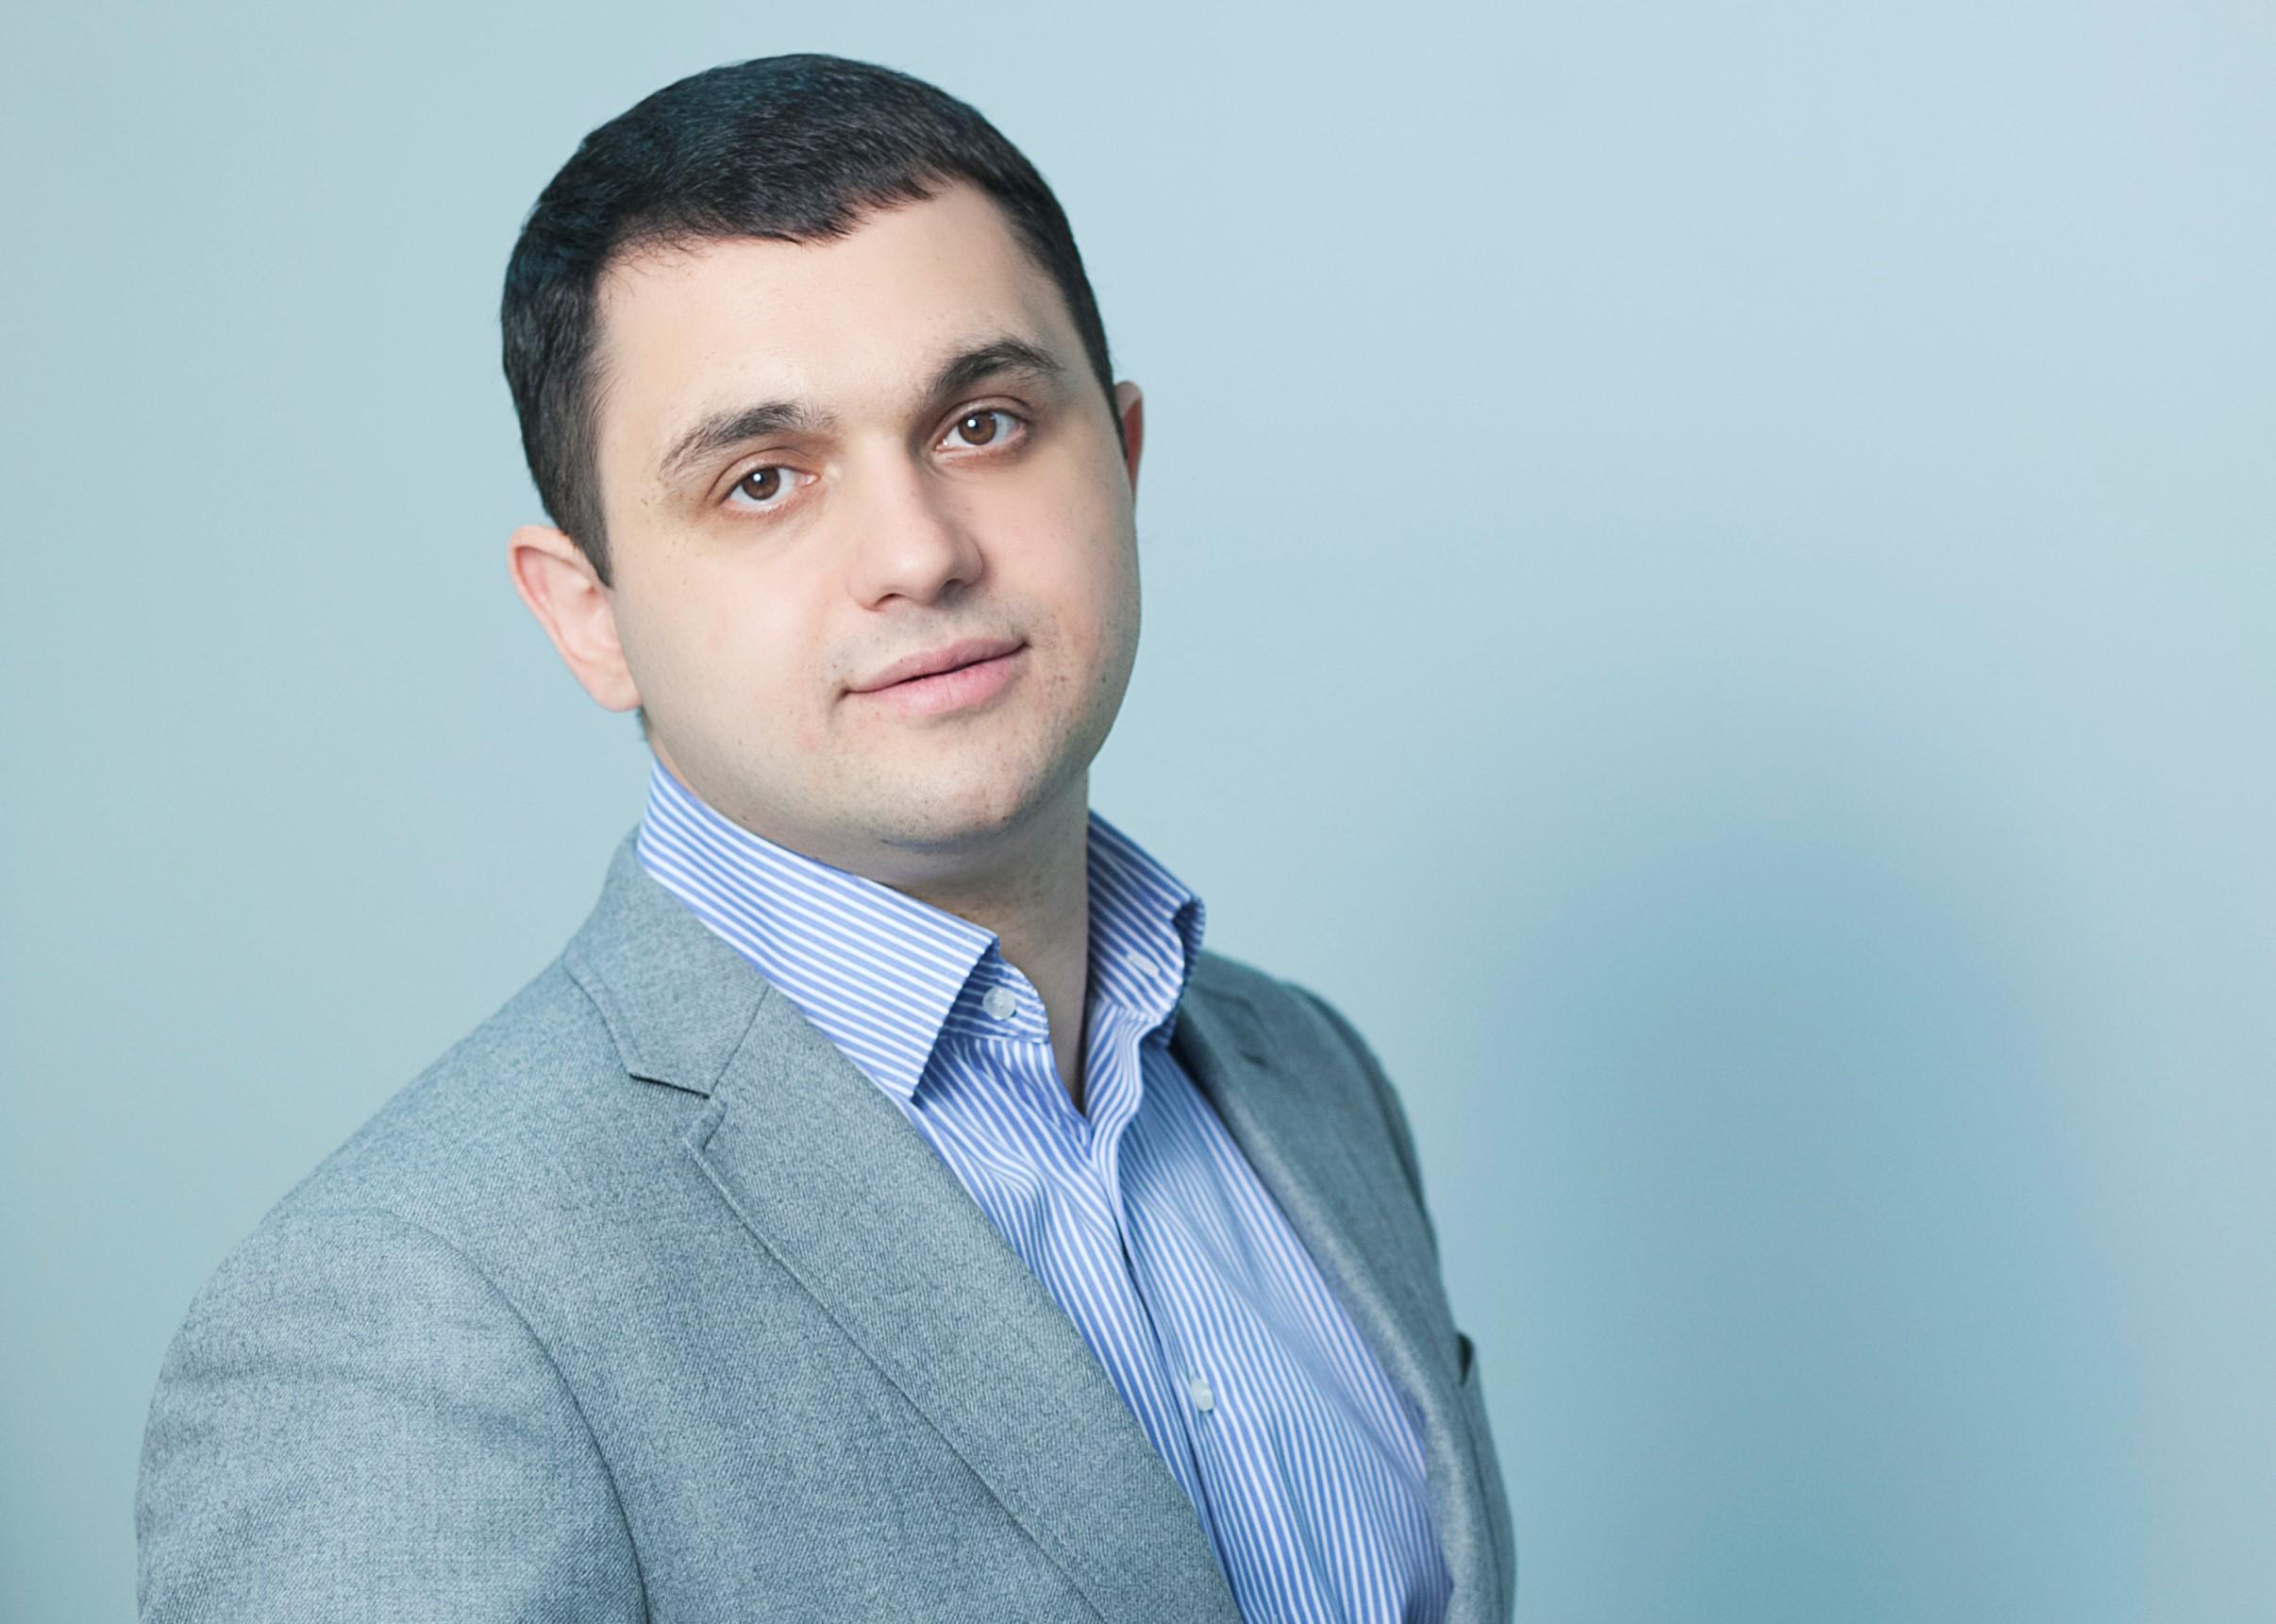 Председатель комитета «Деловой России» по медицинским услугам Муслим Муслимов